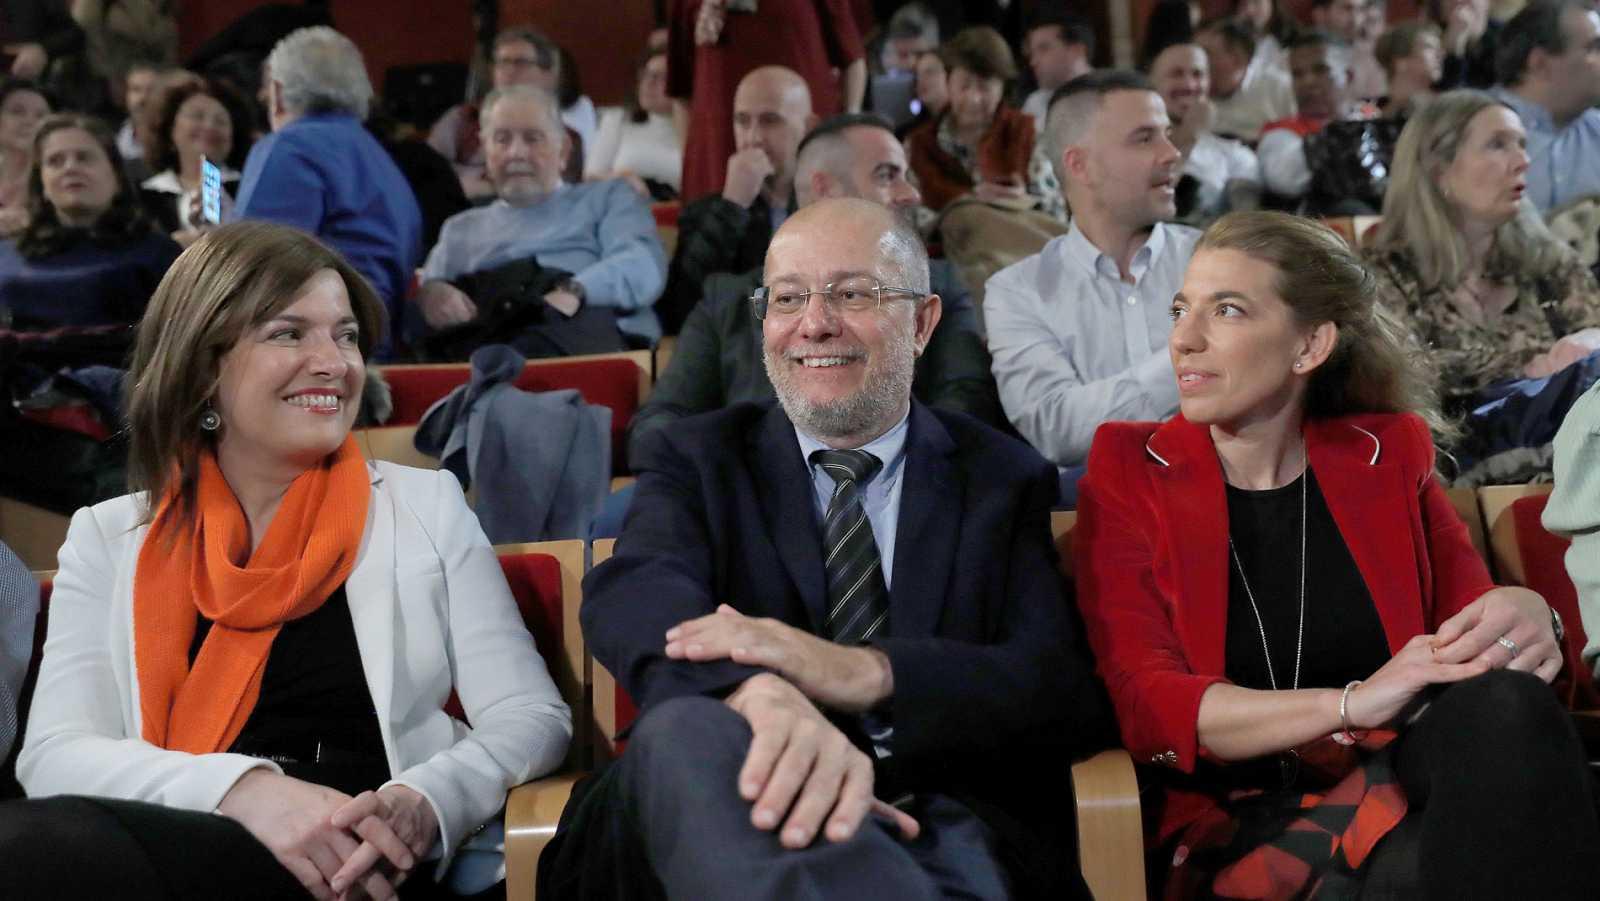 Igea presenta su candidatura para disputar a Arrimadas el liderazgo de Ciudadanos